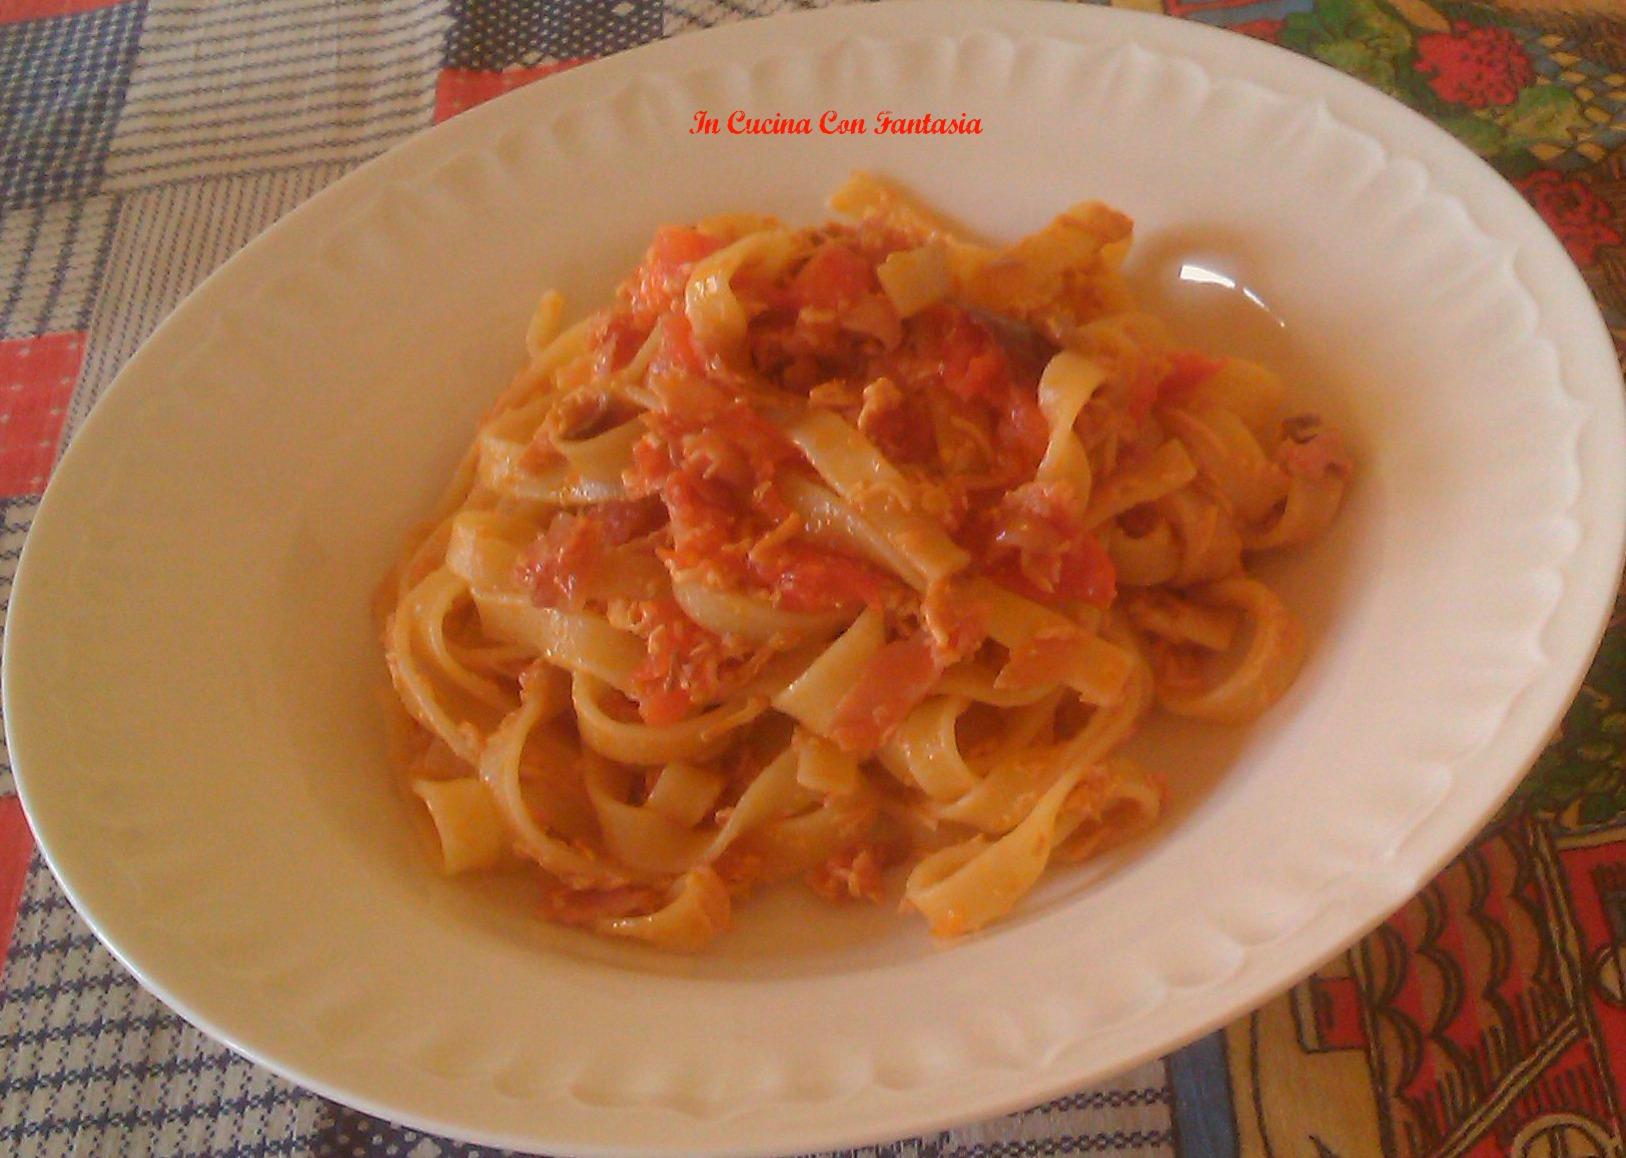 tagliatelle con prosciutto cotto,pomodoro e ricotta salata1